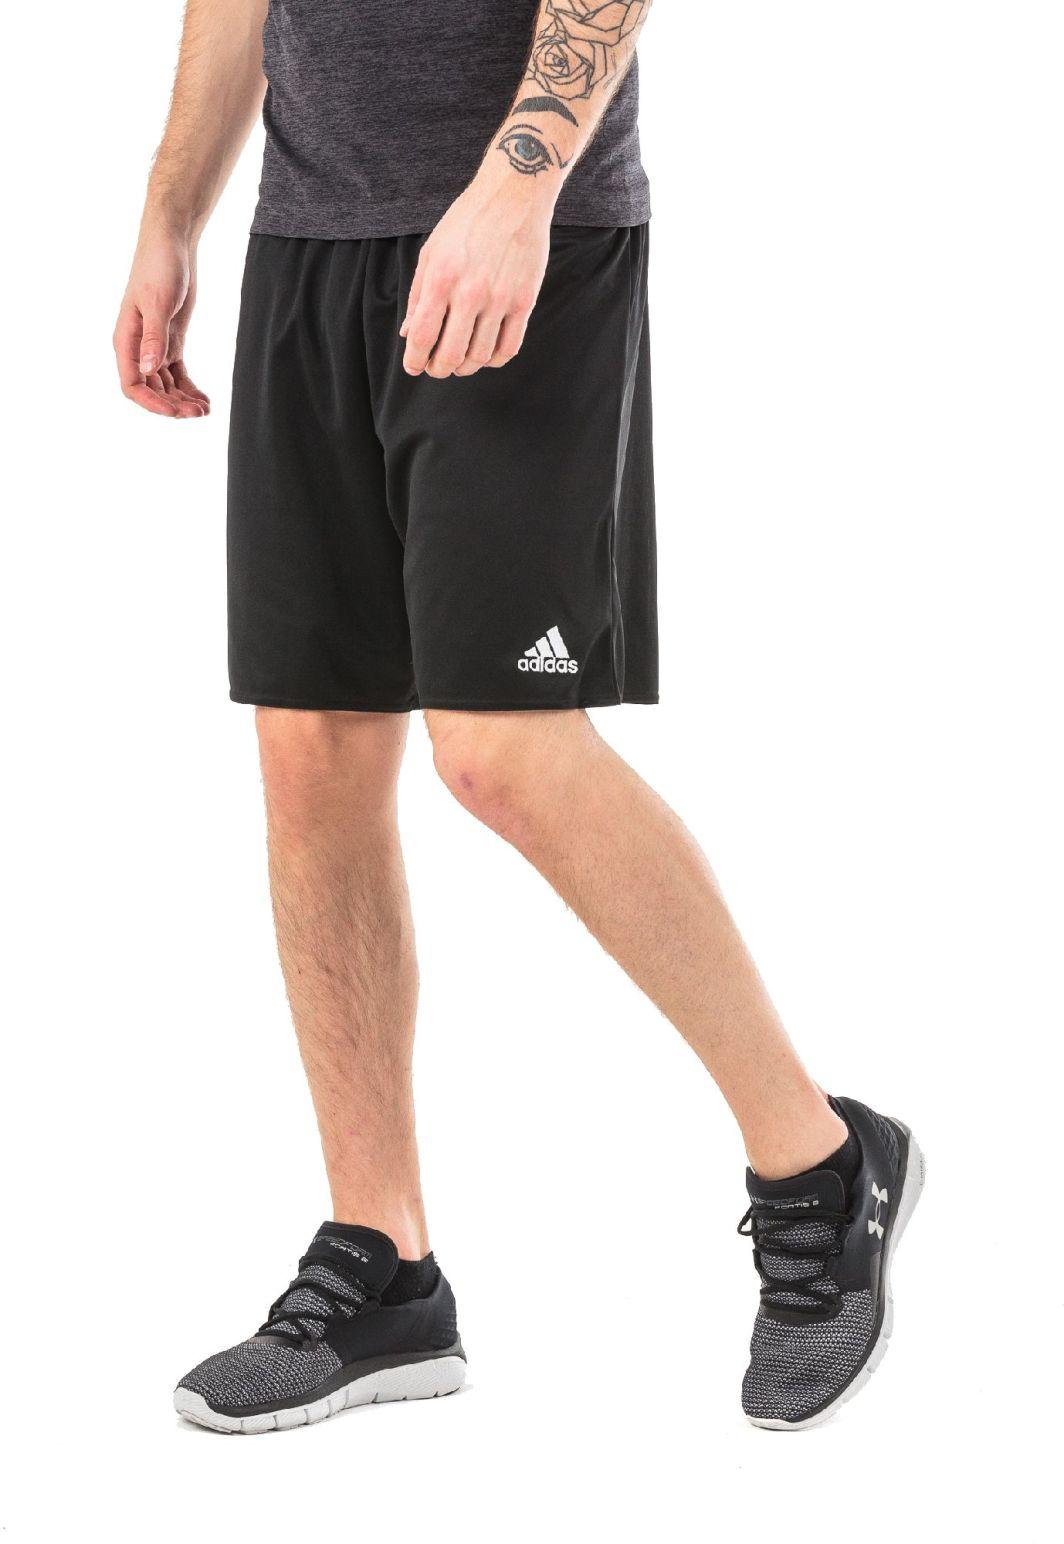 Adidas Spodenki męskie Parma 16 czarne r. XXL (AJ5880) ID produktu: 1373758